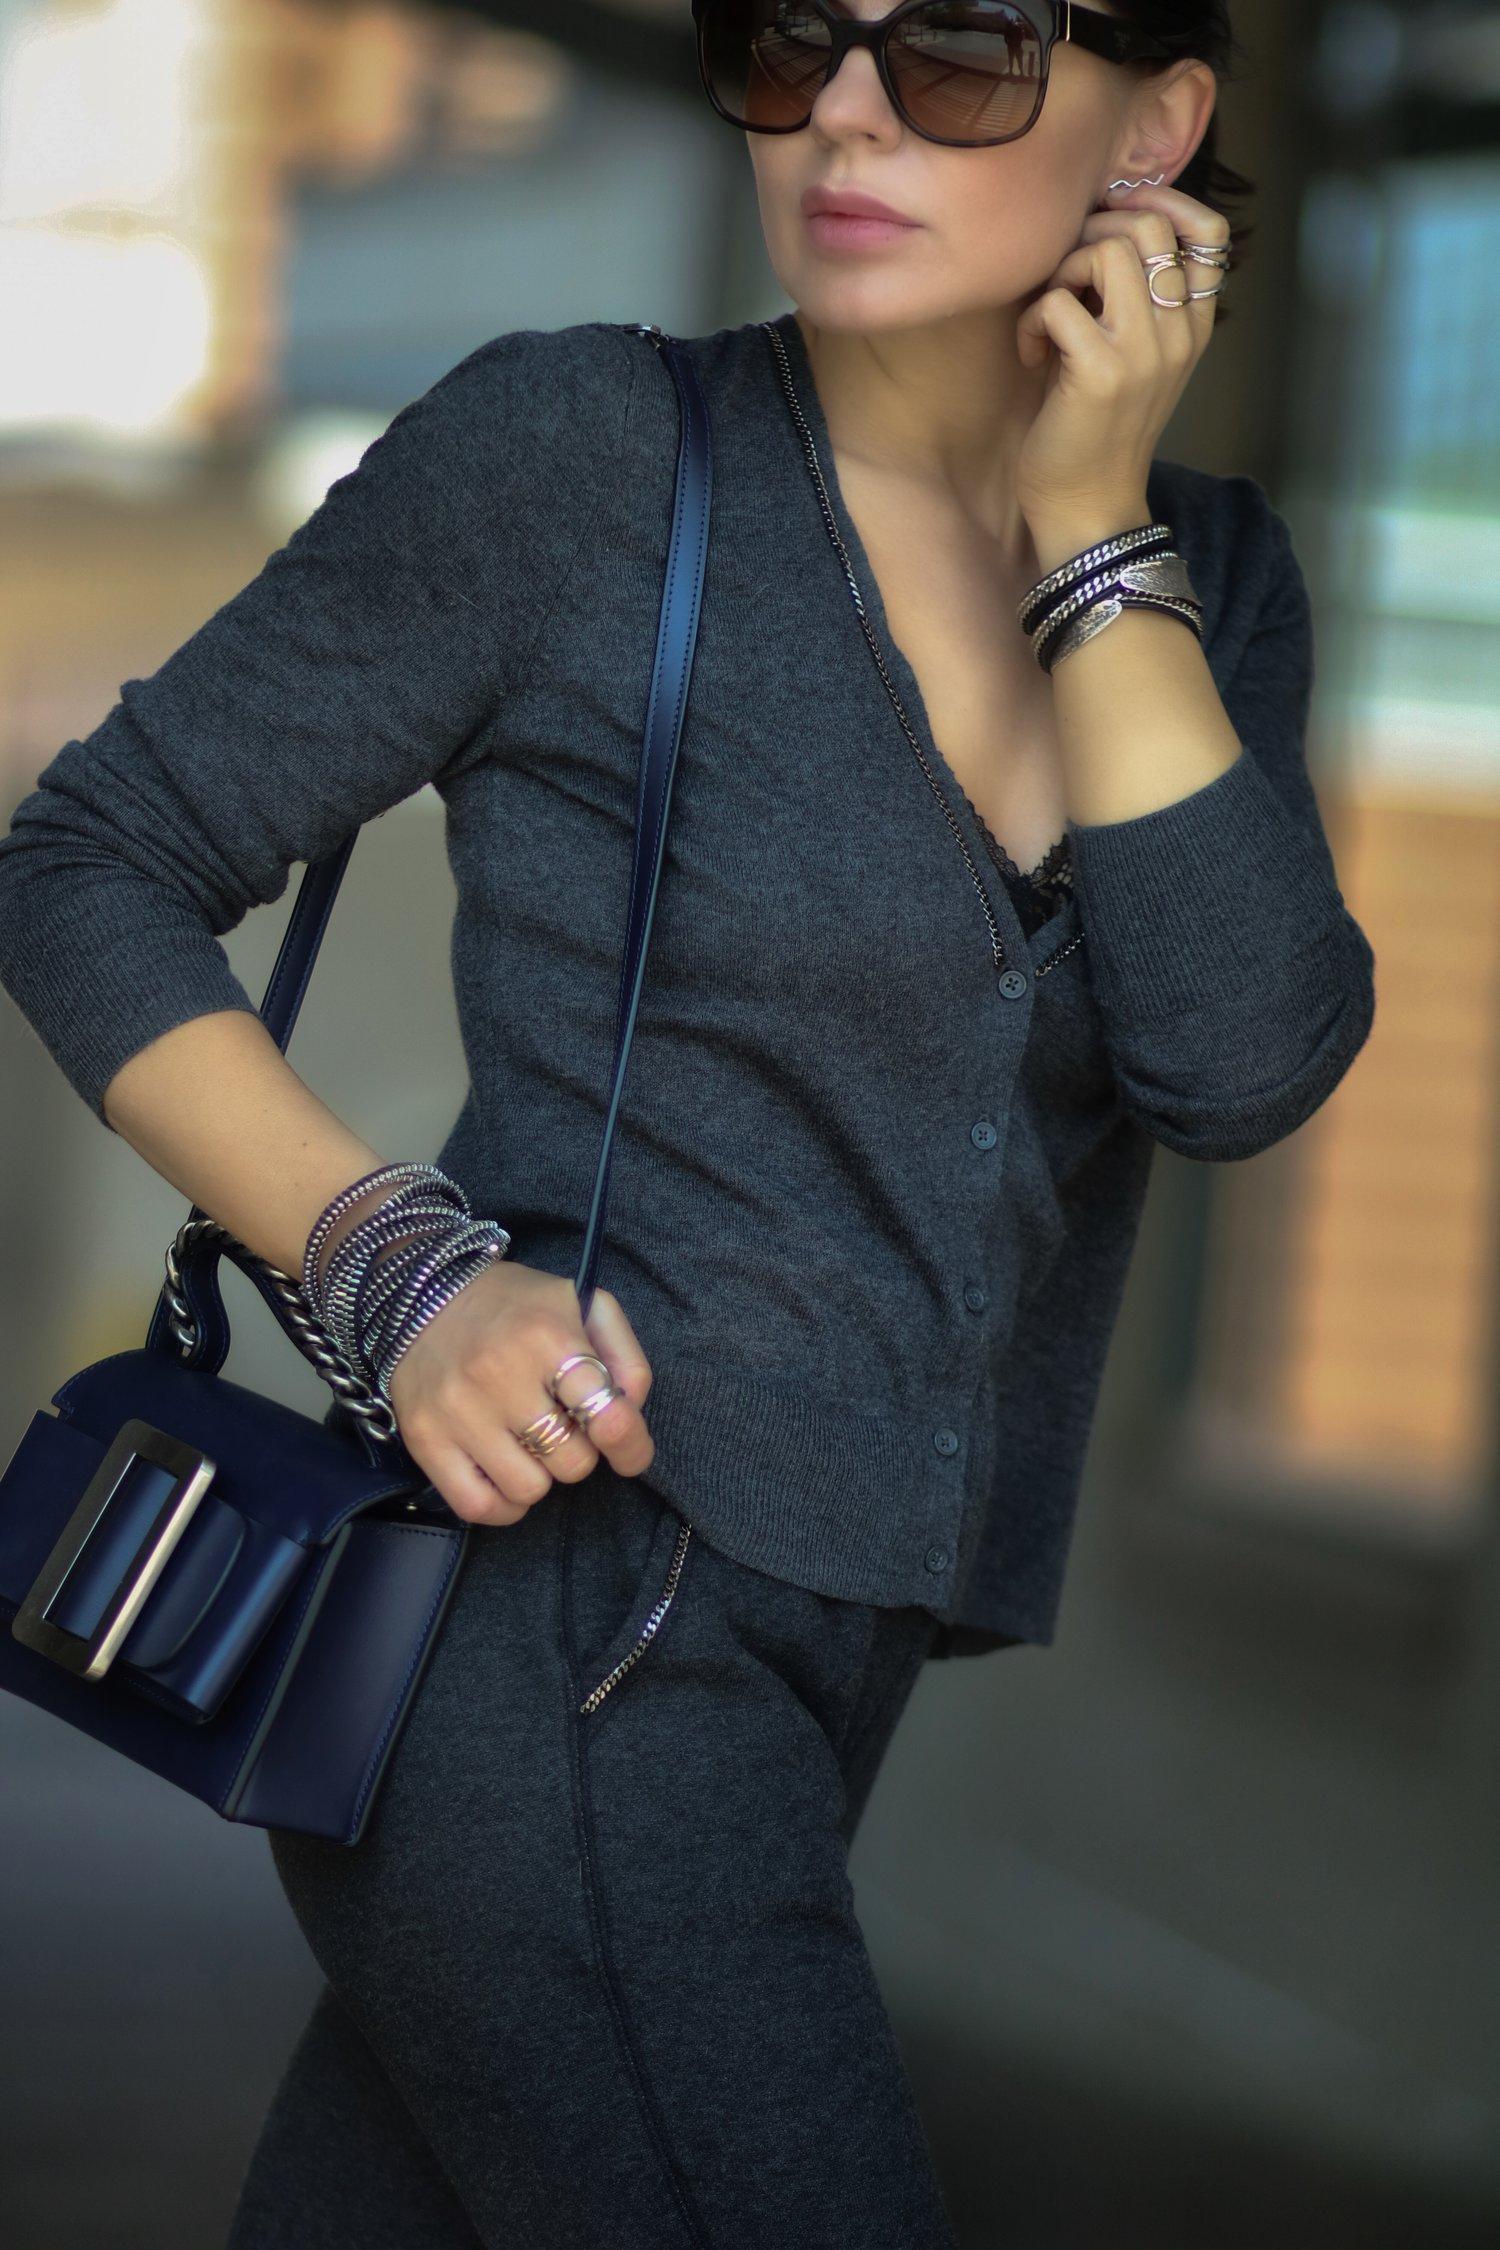 Isabel-Alexander-Old-Navy-cardigan-chain-details-Boy-bag-chain-bracelets